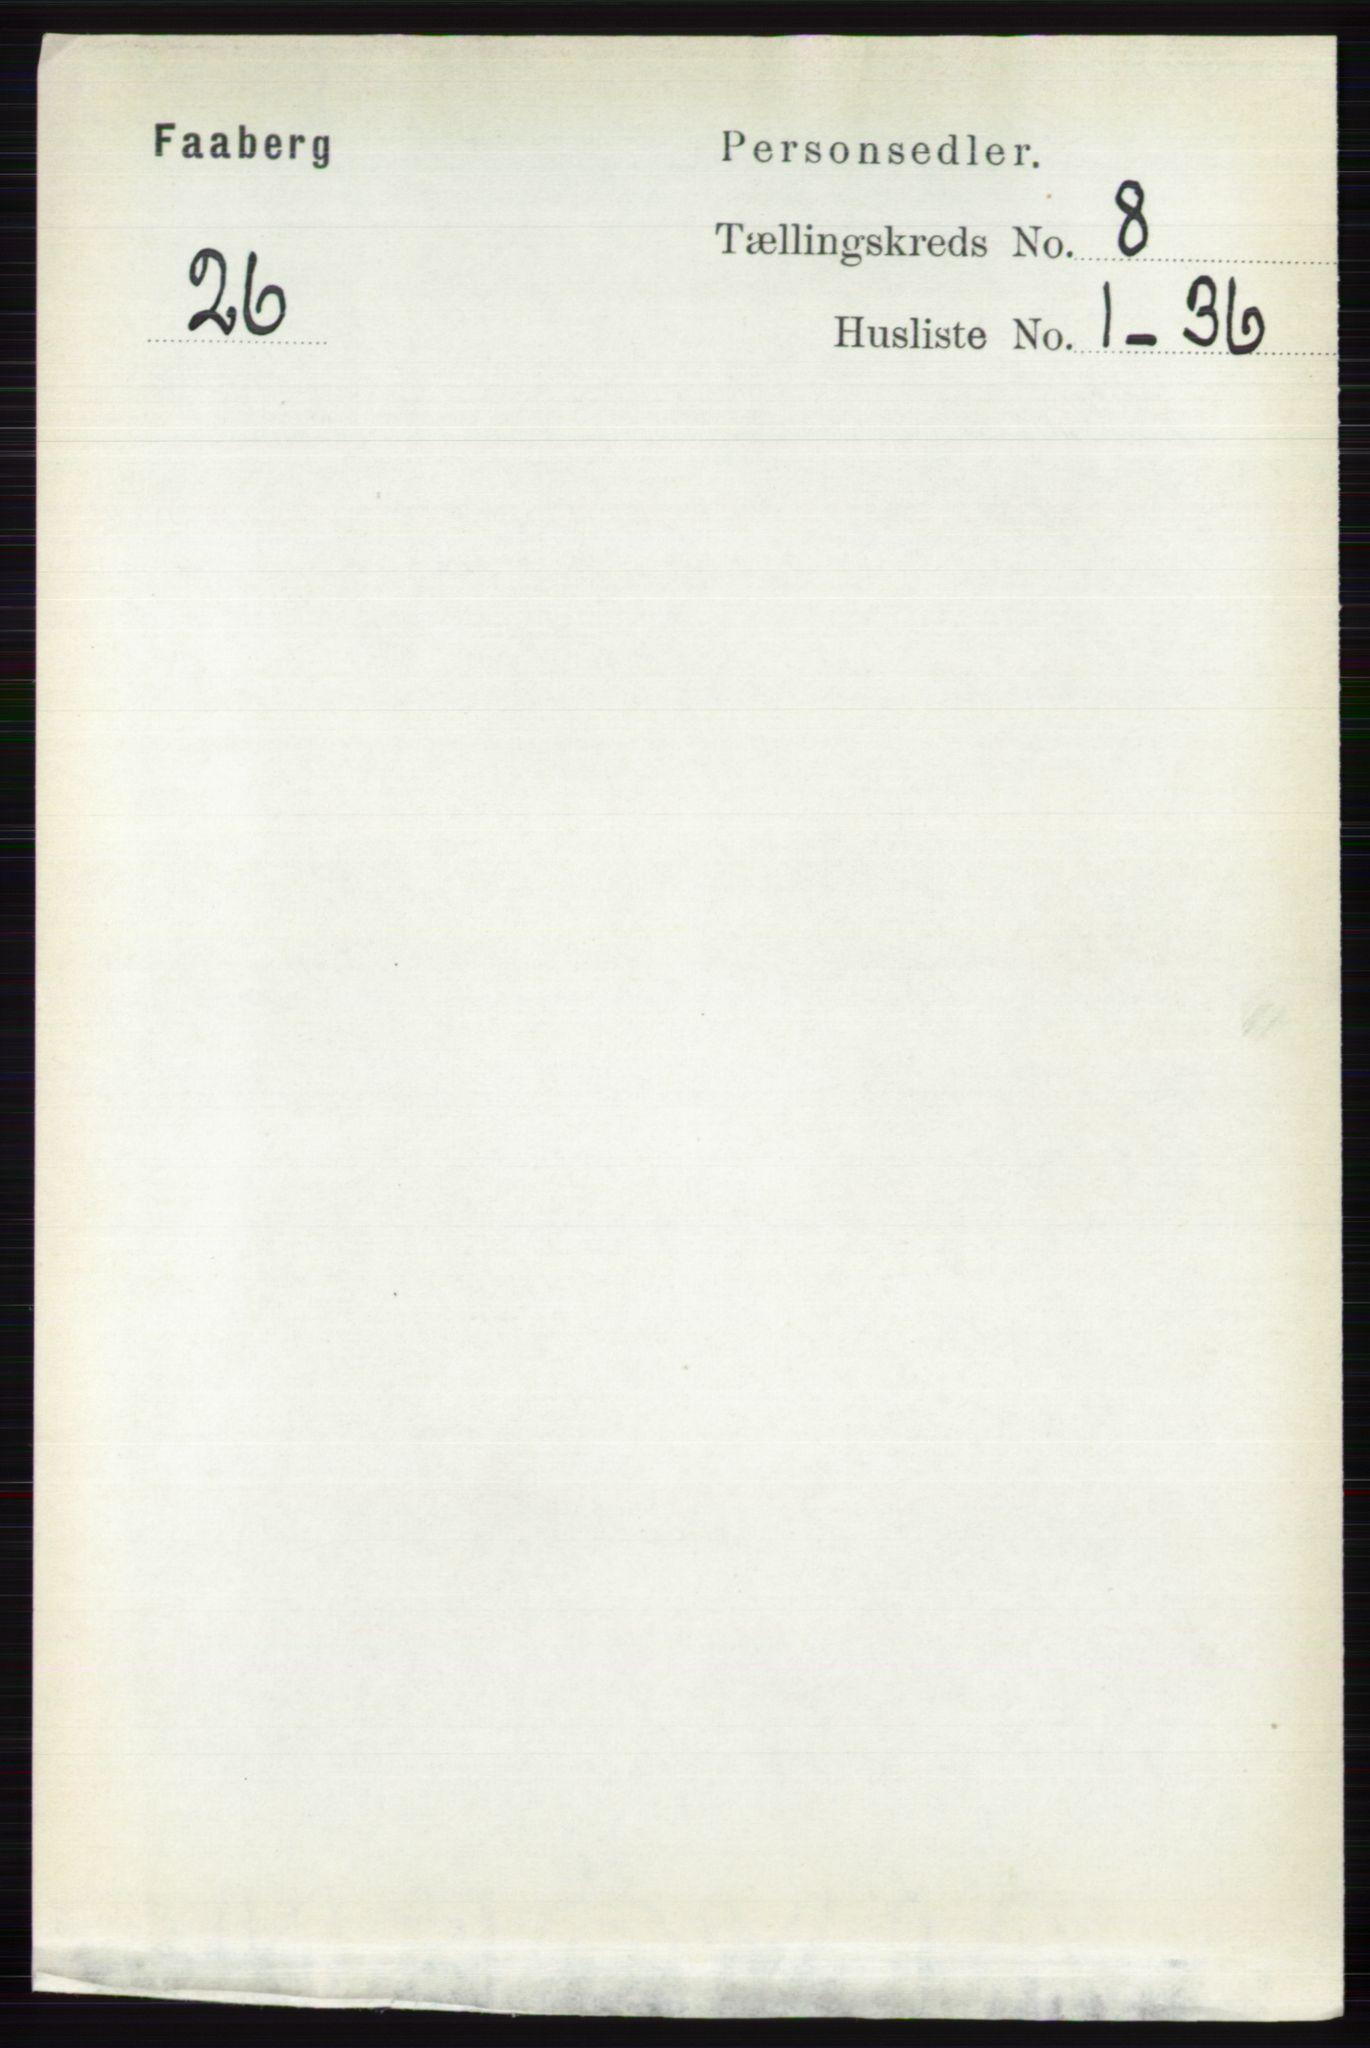 RA, Folketelling 1891 for 0524 Fåberg herred, 1891, s. 3417